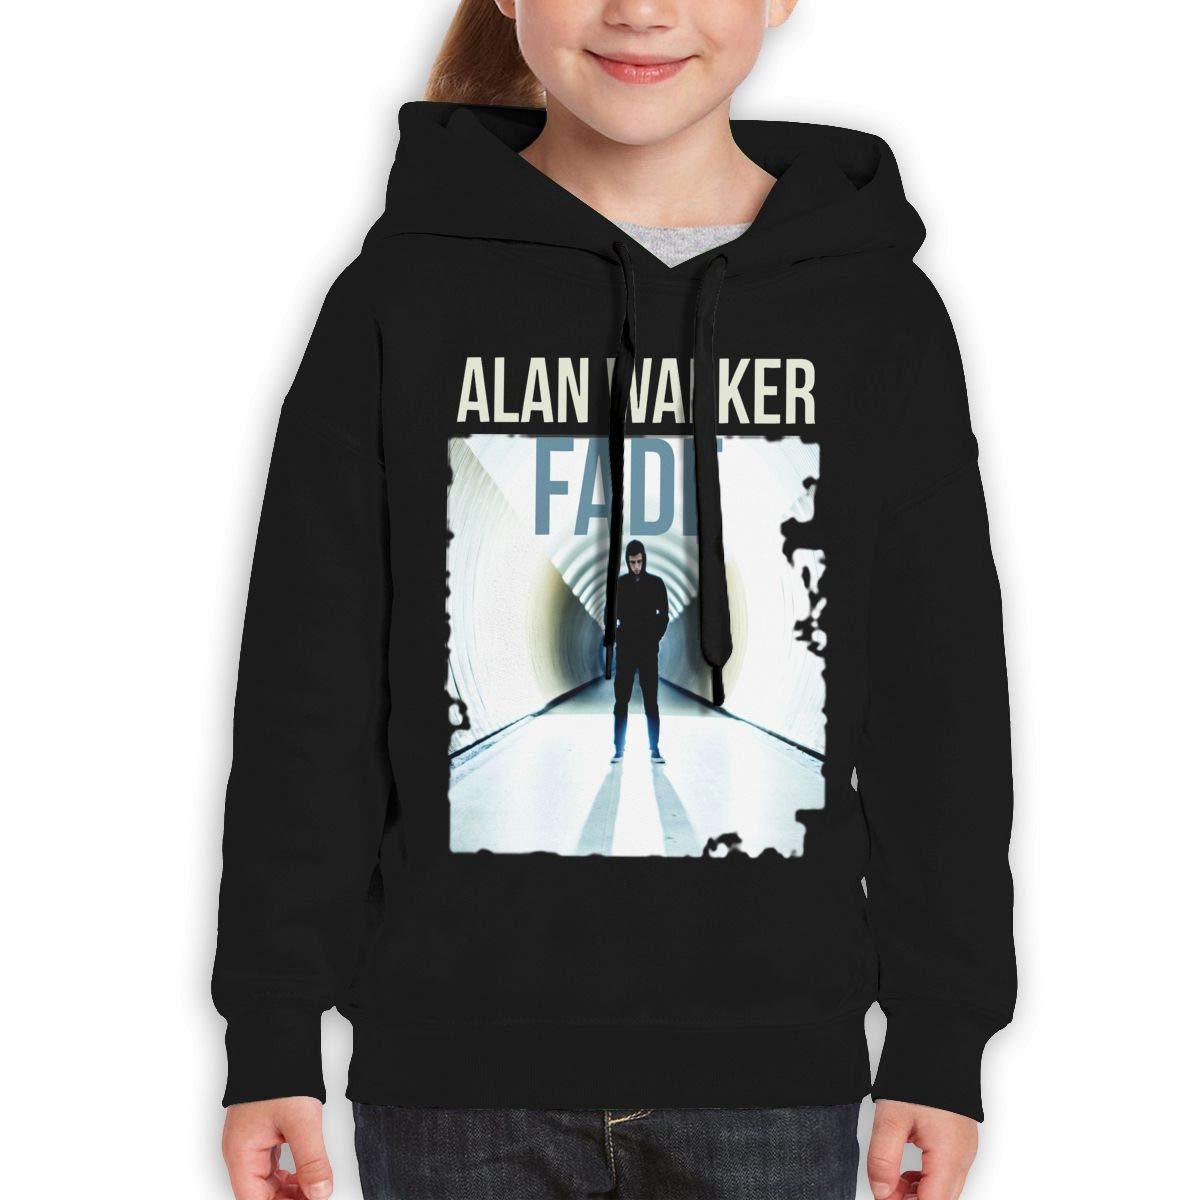 AlbertV Alan Walker Faded Teens Hoodies Hooded Sweatshirt Boys Girls Black